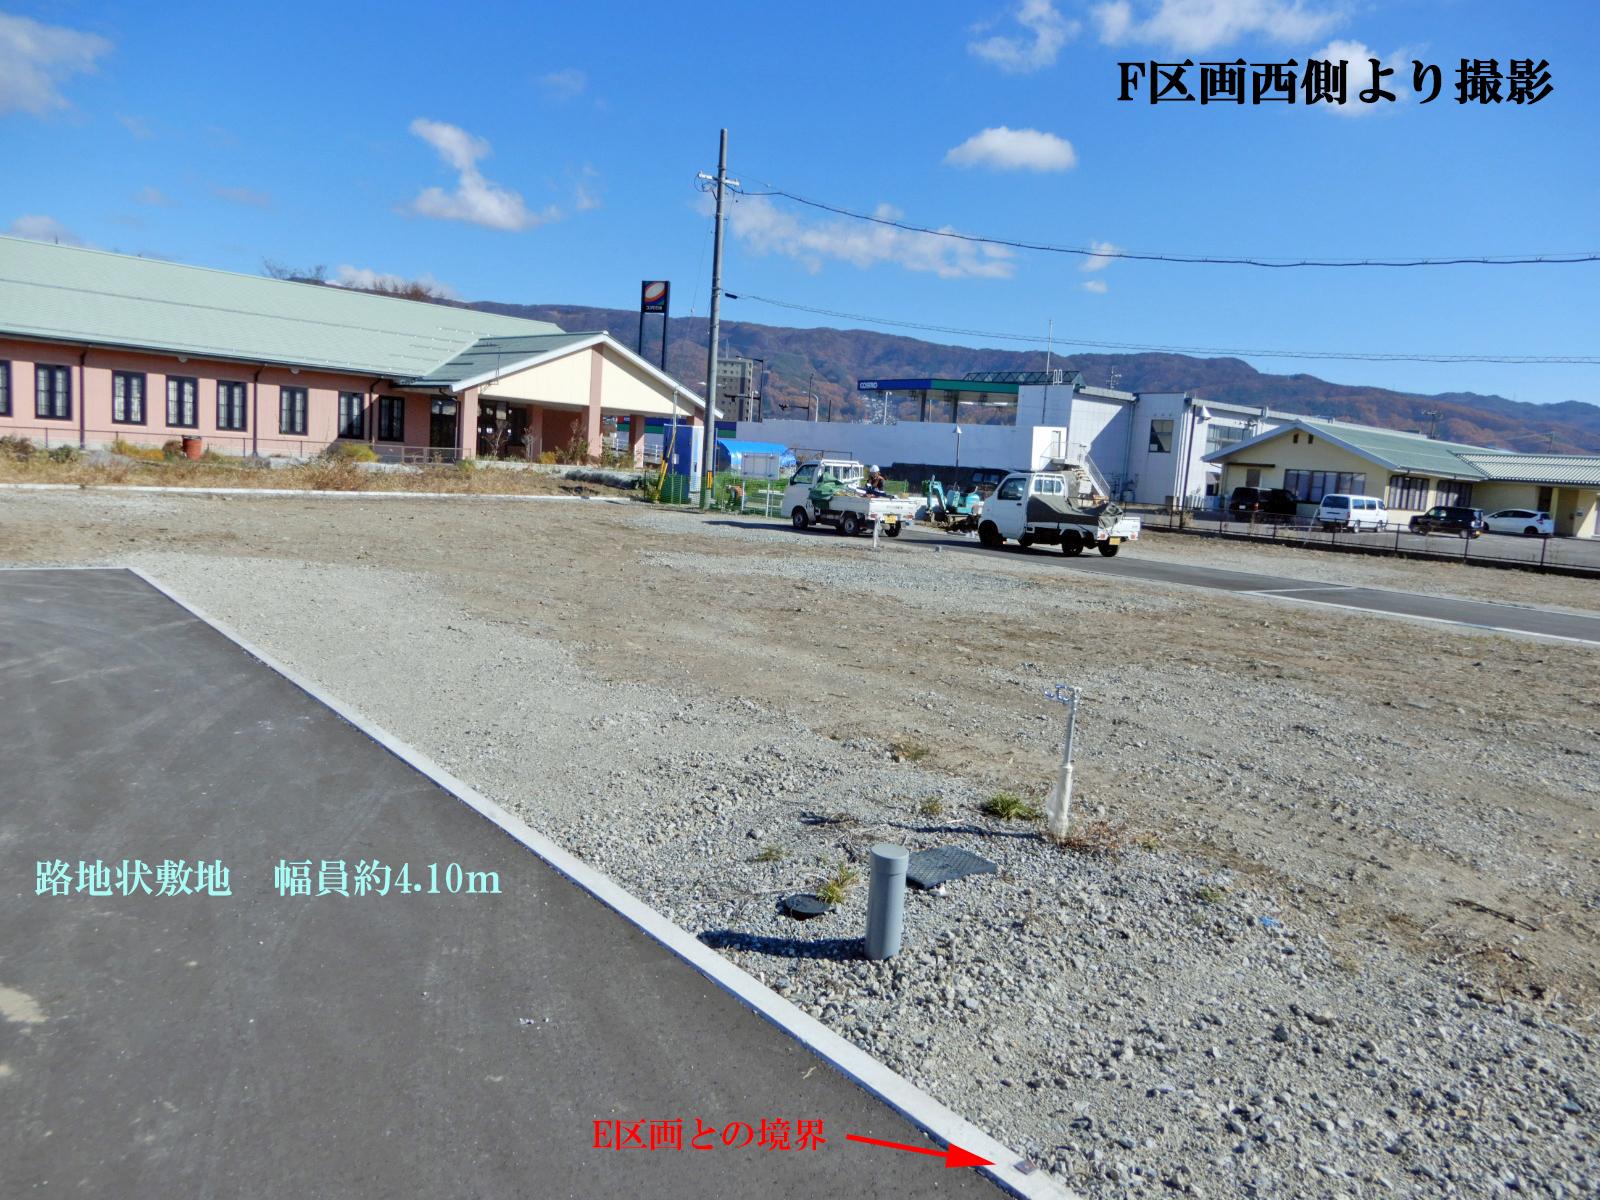 諏訪市渋崎 F区画_アイキャッチ画像